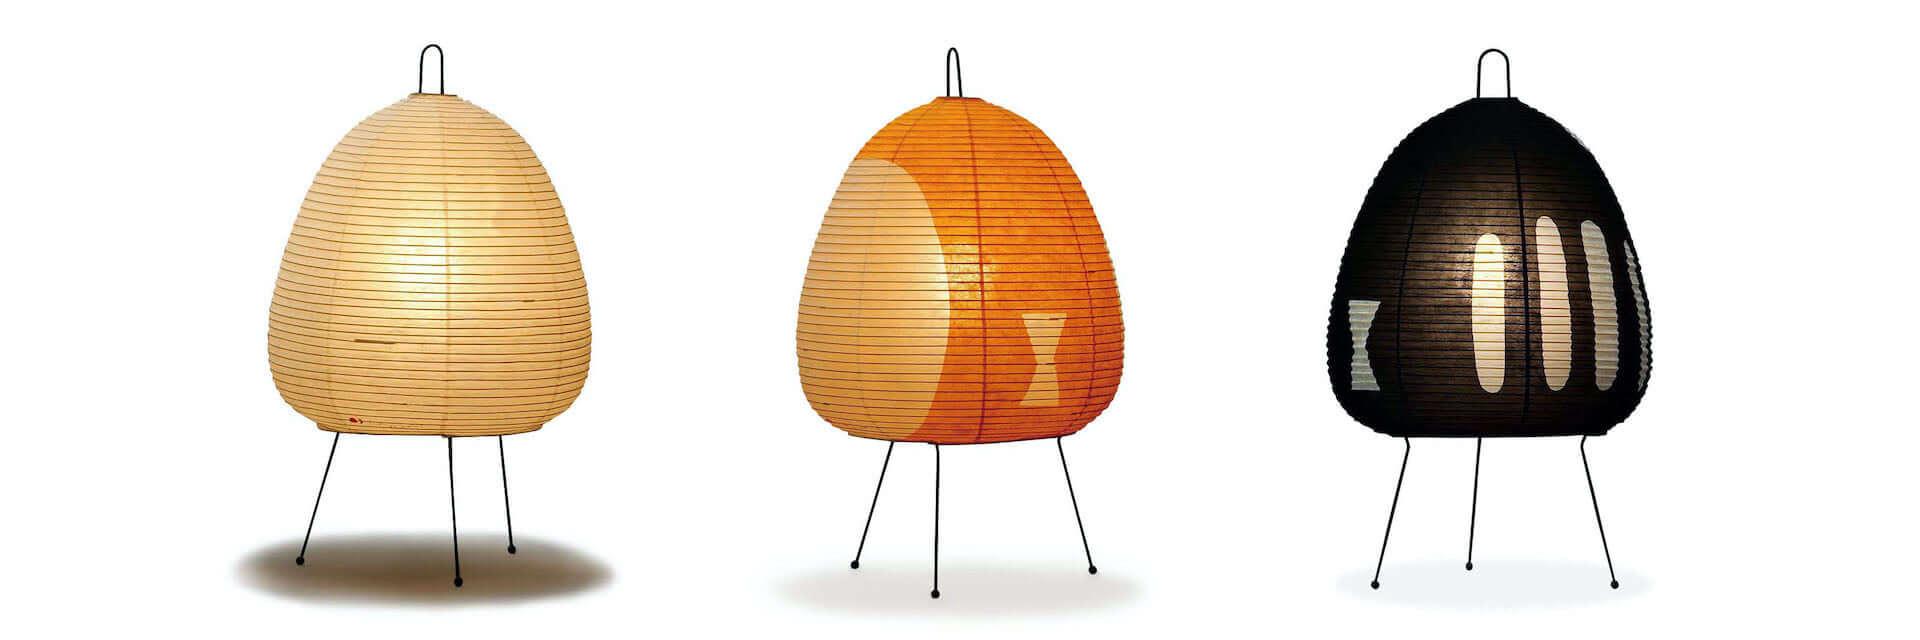 MoMA Design Storeによる日本発のグッドデザイン特集が公開!イサム・ノグチの照明、五十嵐威暢のトランプなど多数ラインナップ art210115_momastore_7-1920x640